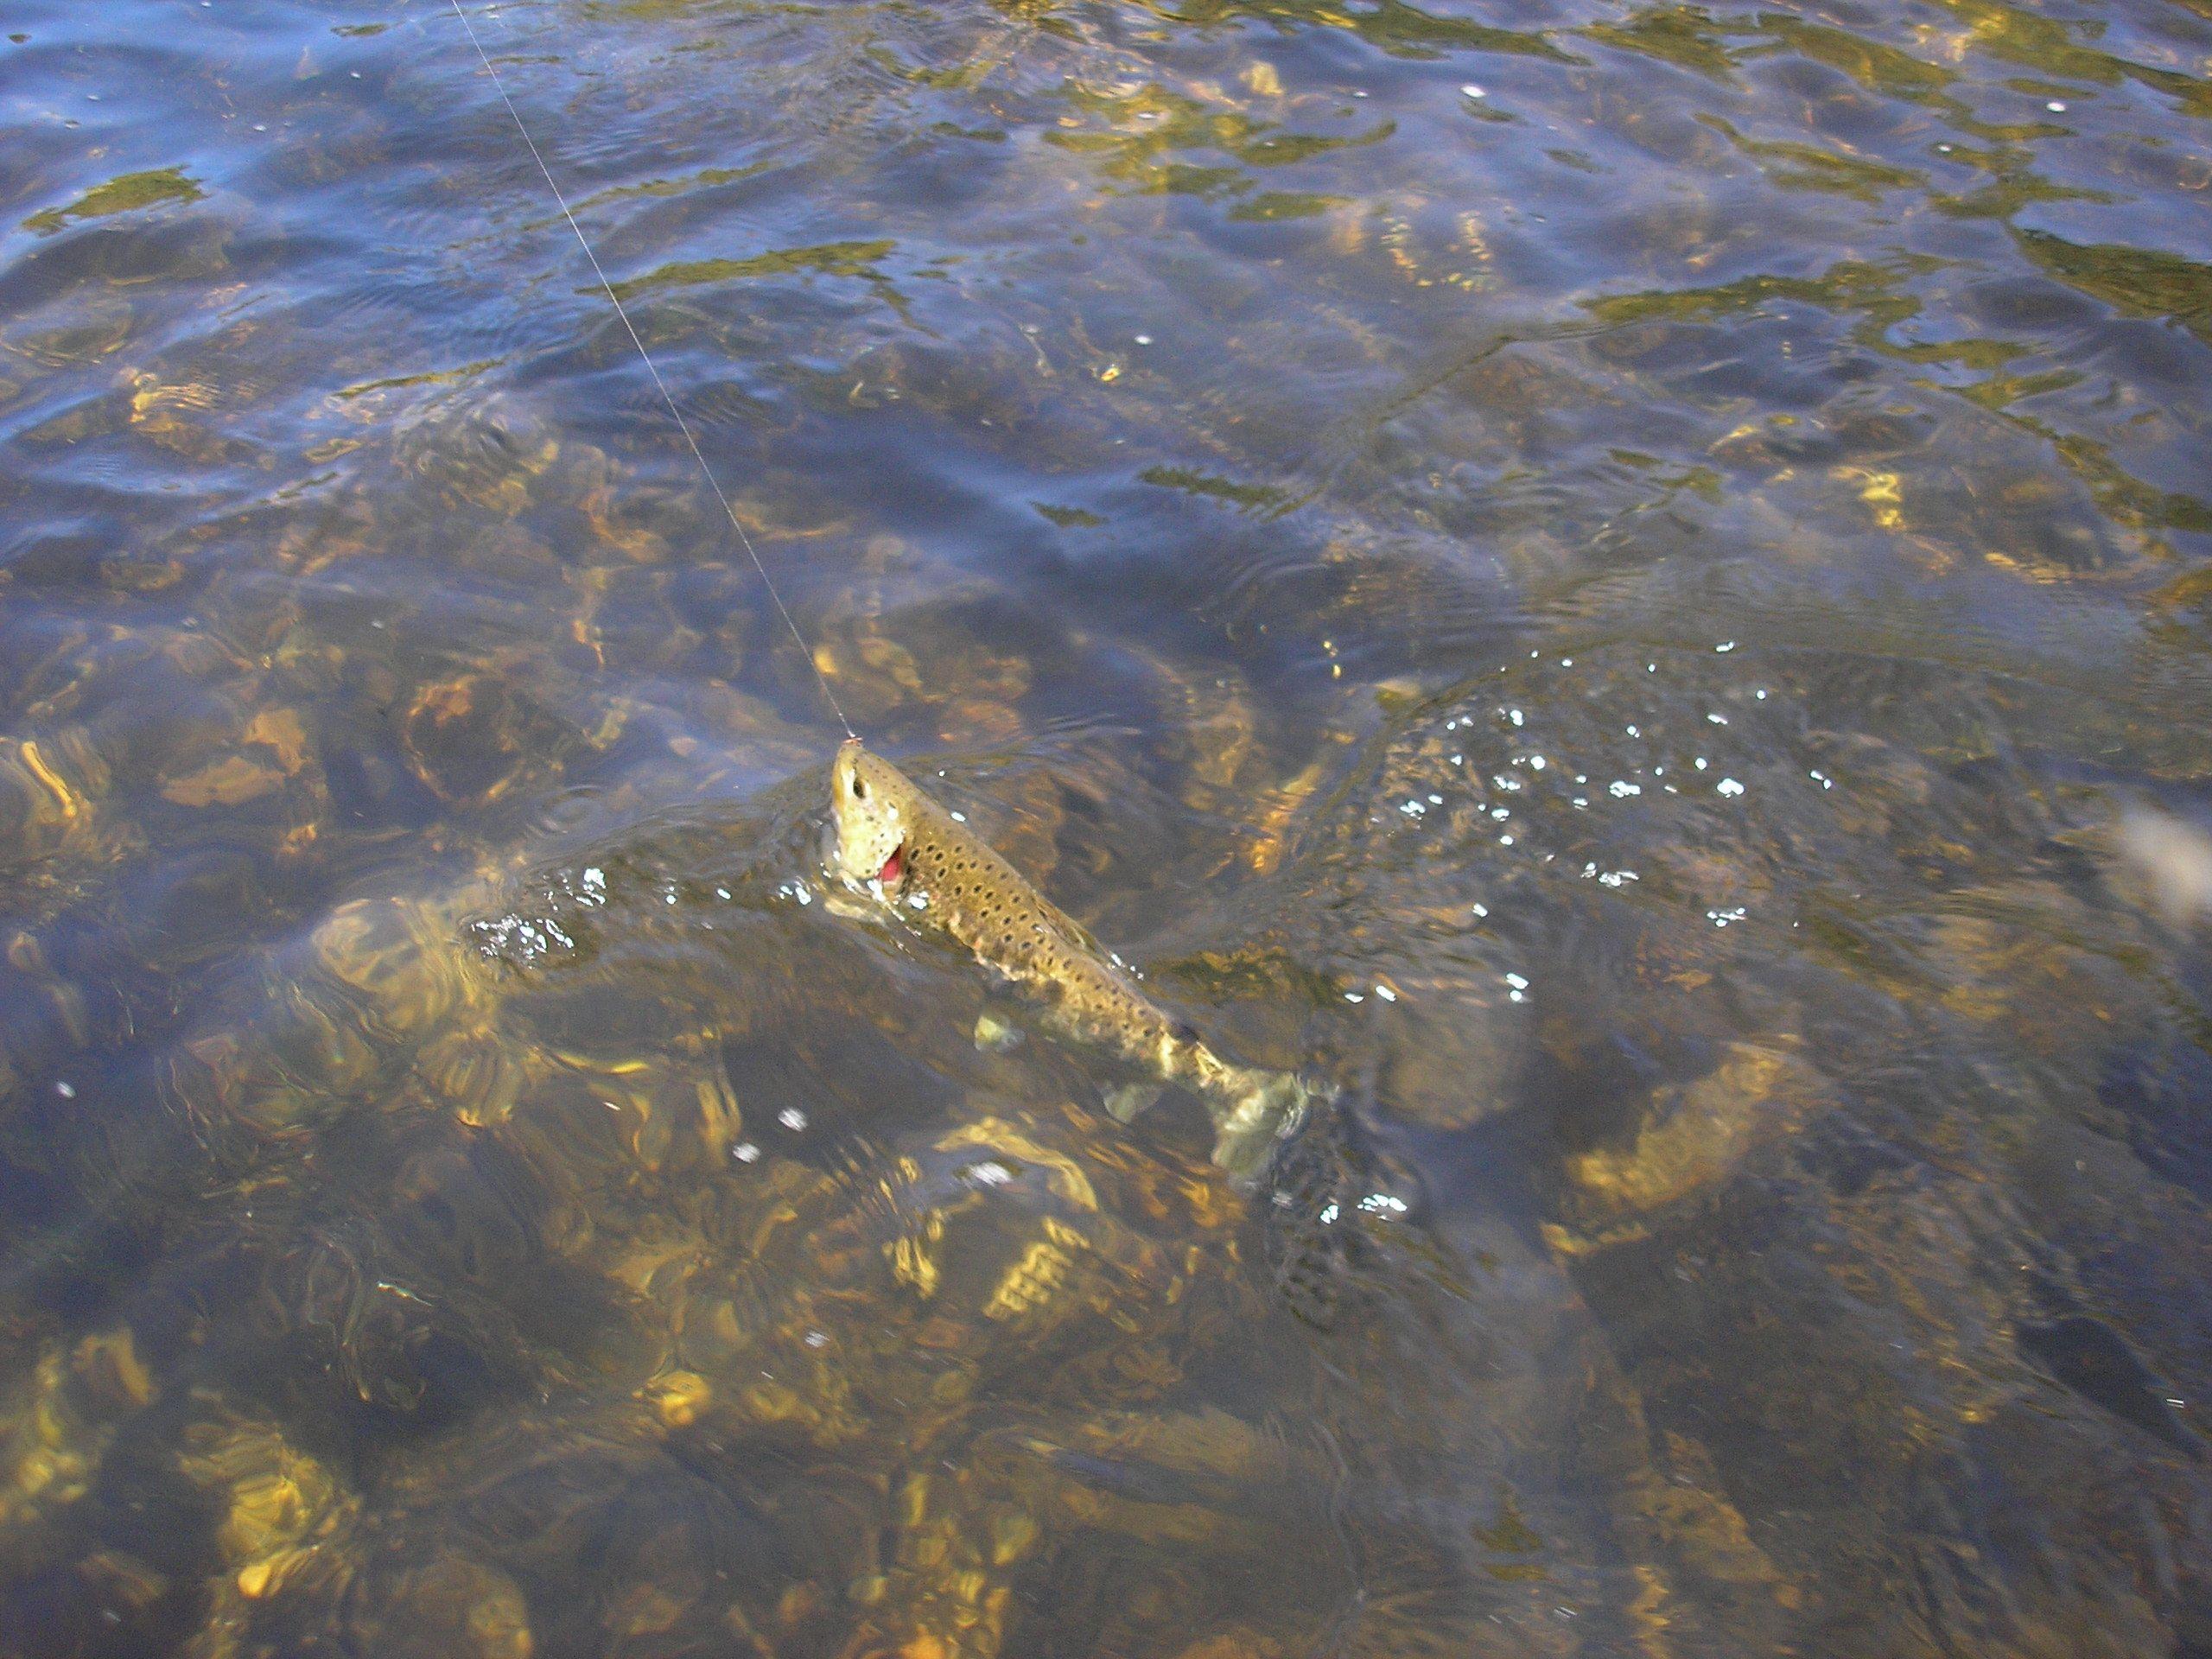 """""""Captura de una bonita trucha en el río Madalena o Miñotelo en la provincia de Lugo (Galicia)"""" http://bit.ly/1ONVKf1"""